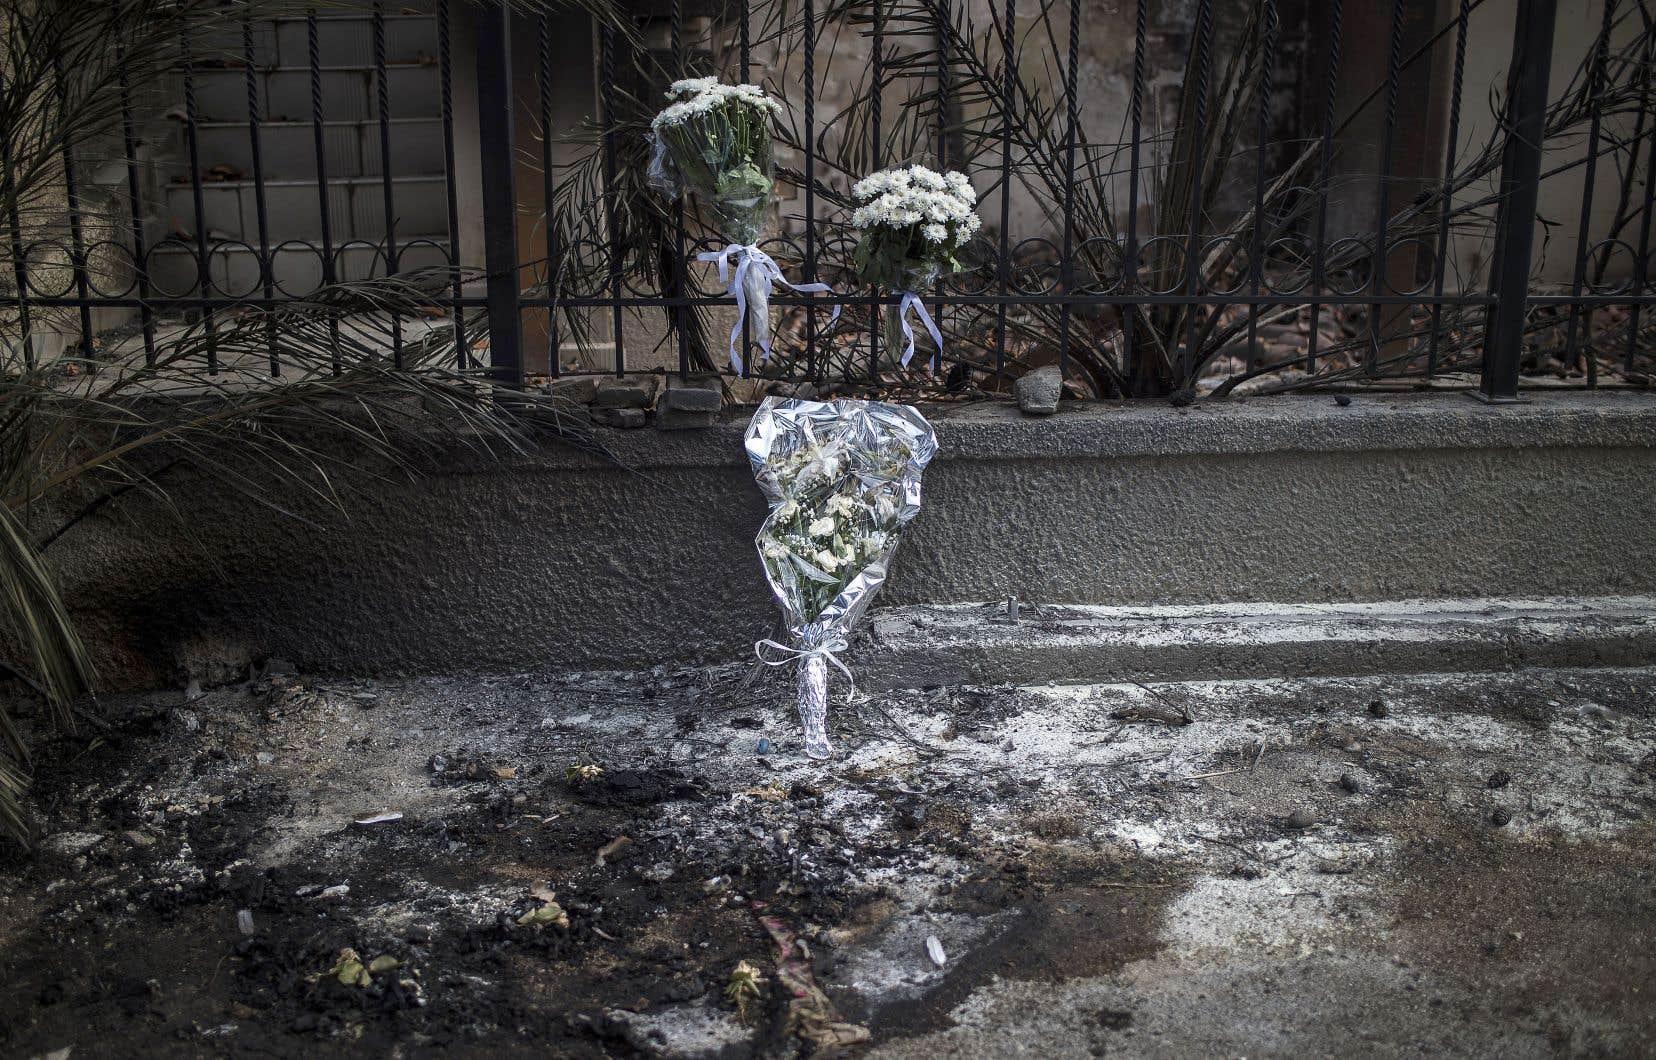 Près d'une semaine après le déclenchement des incendies les plus mortels de son histoire récente, avec un bilan de 82 morts, la Grèce panse encore ses plaies alors que les secours recherchent toujours les corps de ceux dont on reste sans nouvelles.